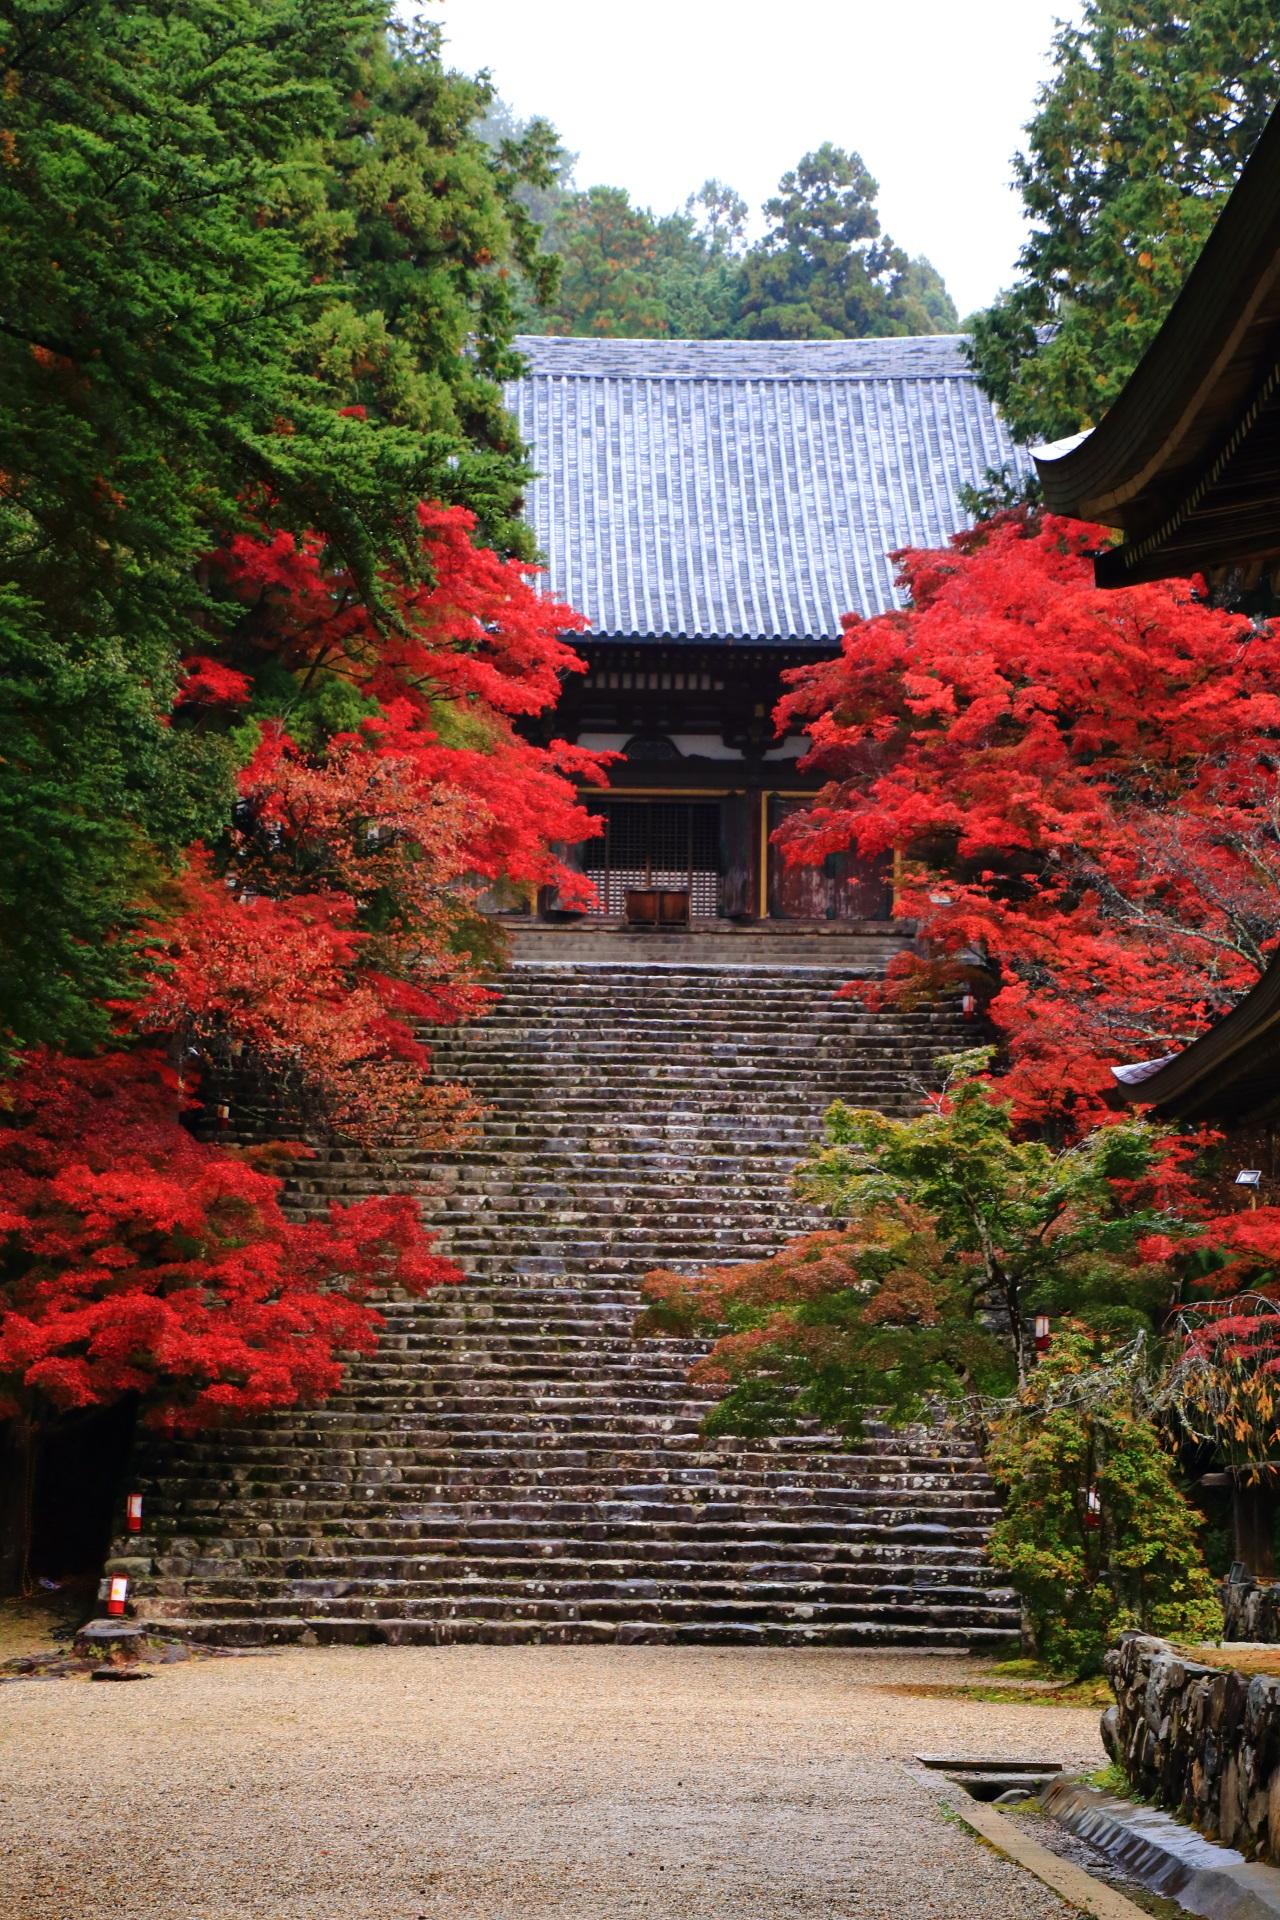 神護寺の金堂と石段の紅葉